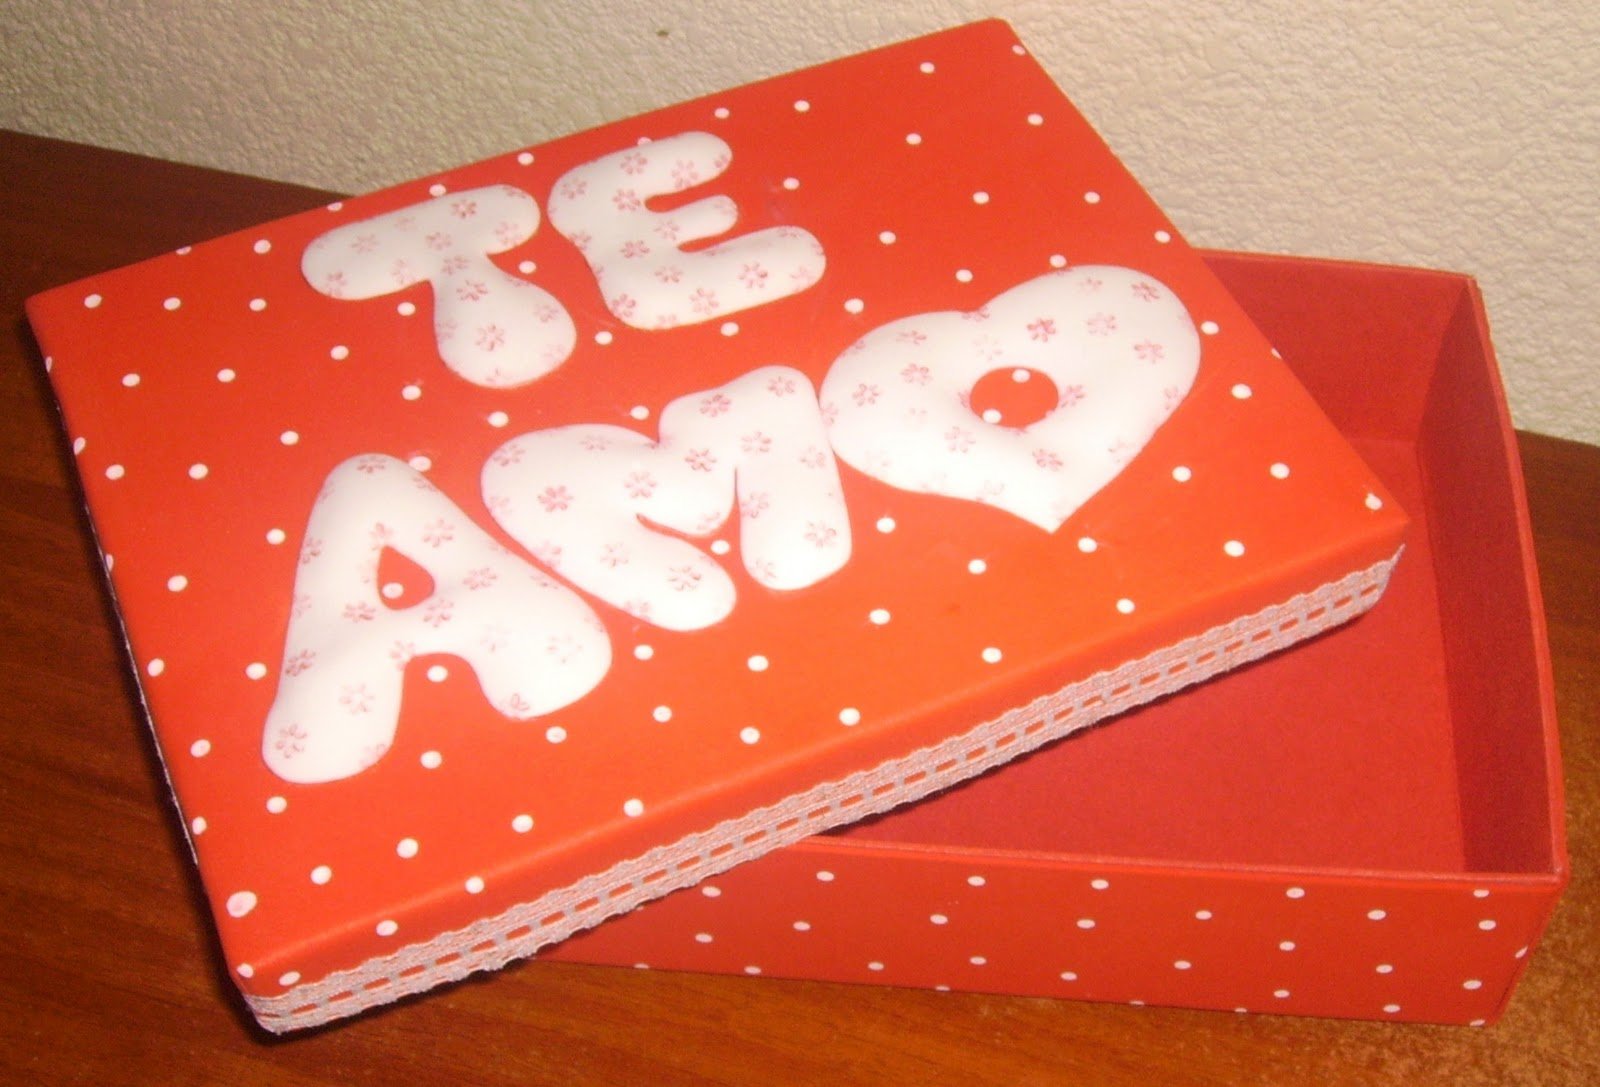 Mardedi cajas para el dia de san valentin - Cajas grandes de carton decoradas ...